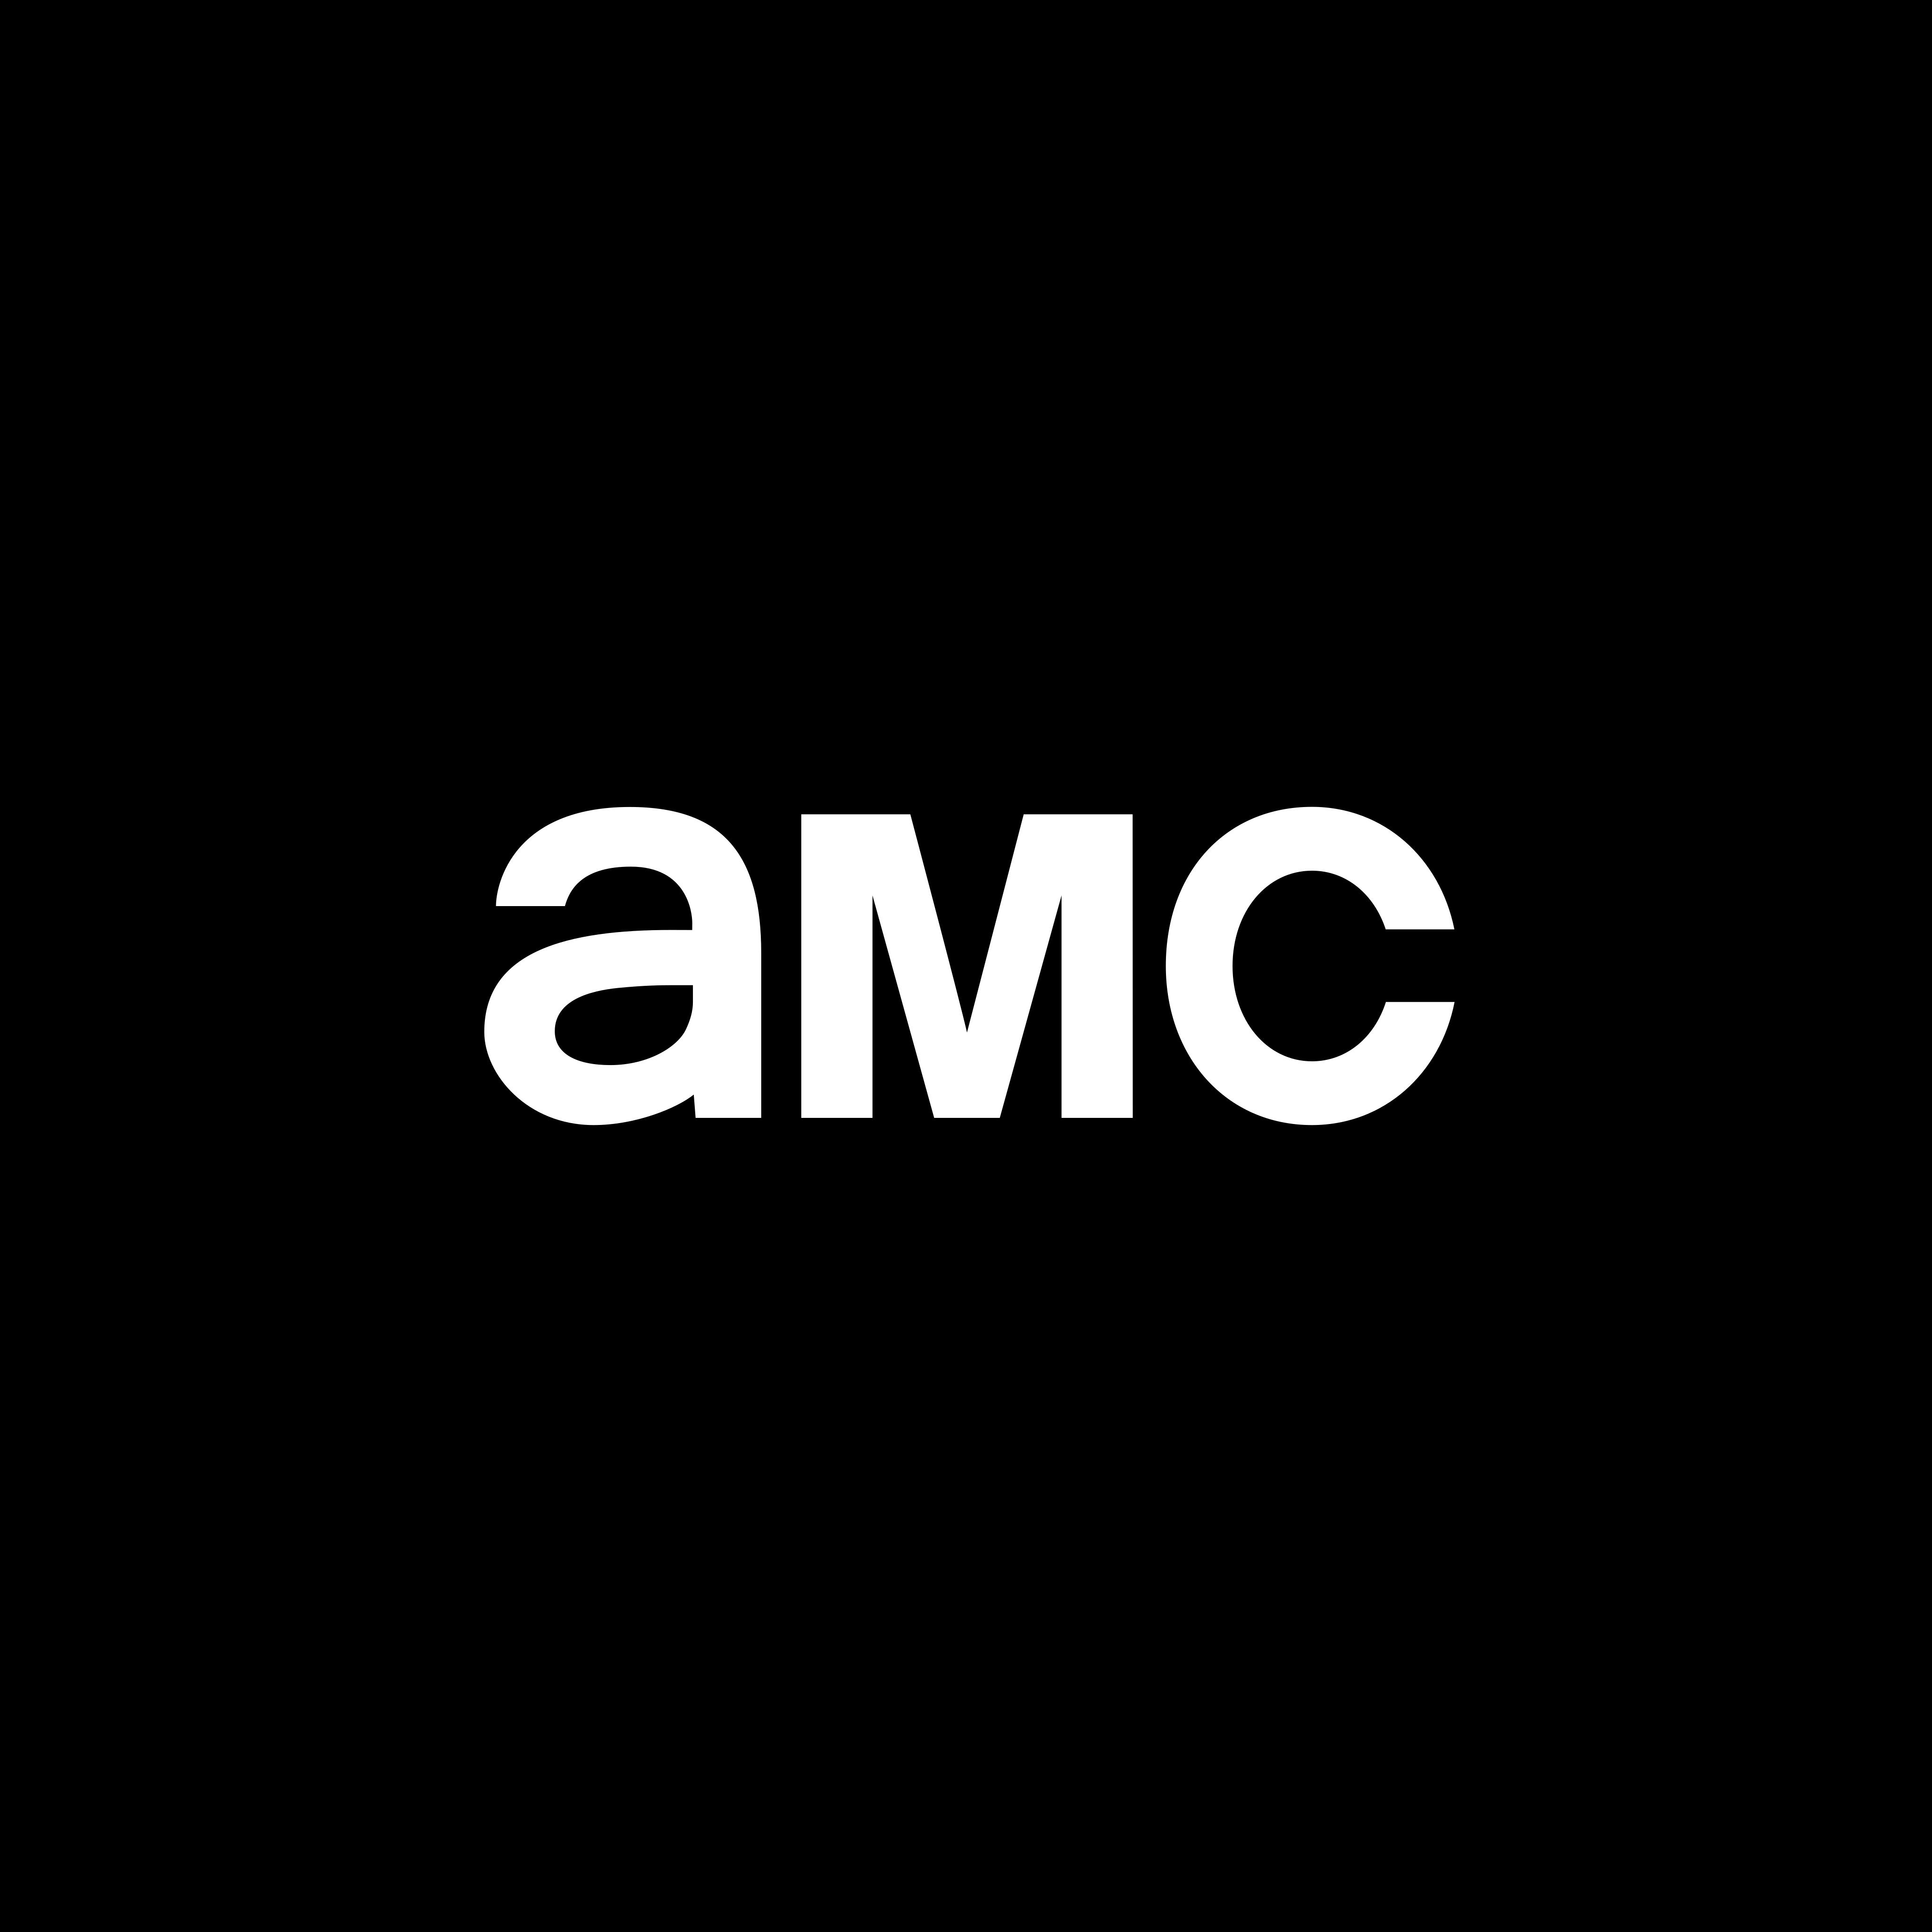 amc logo 0 - AMC Logo